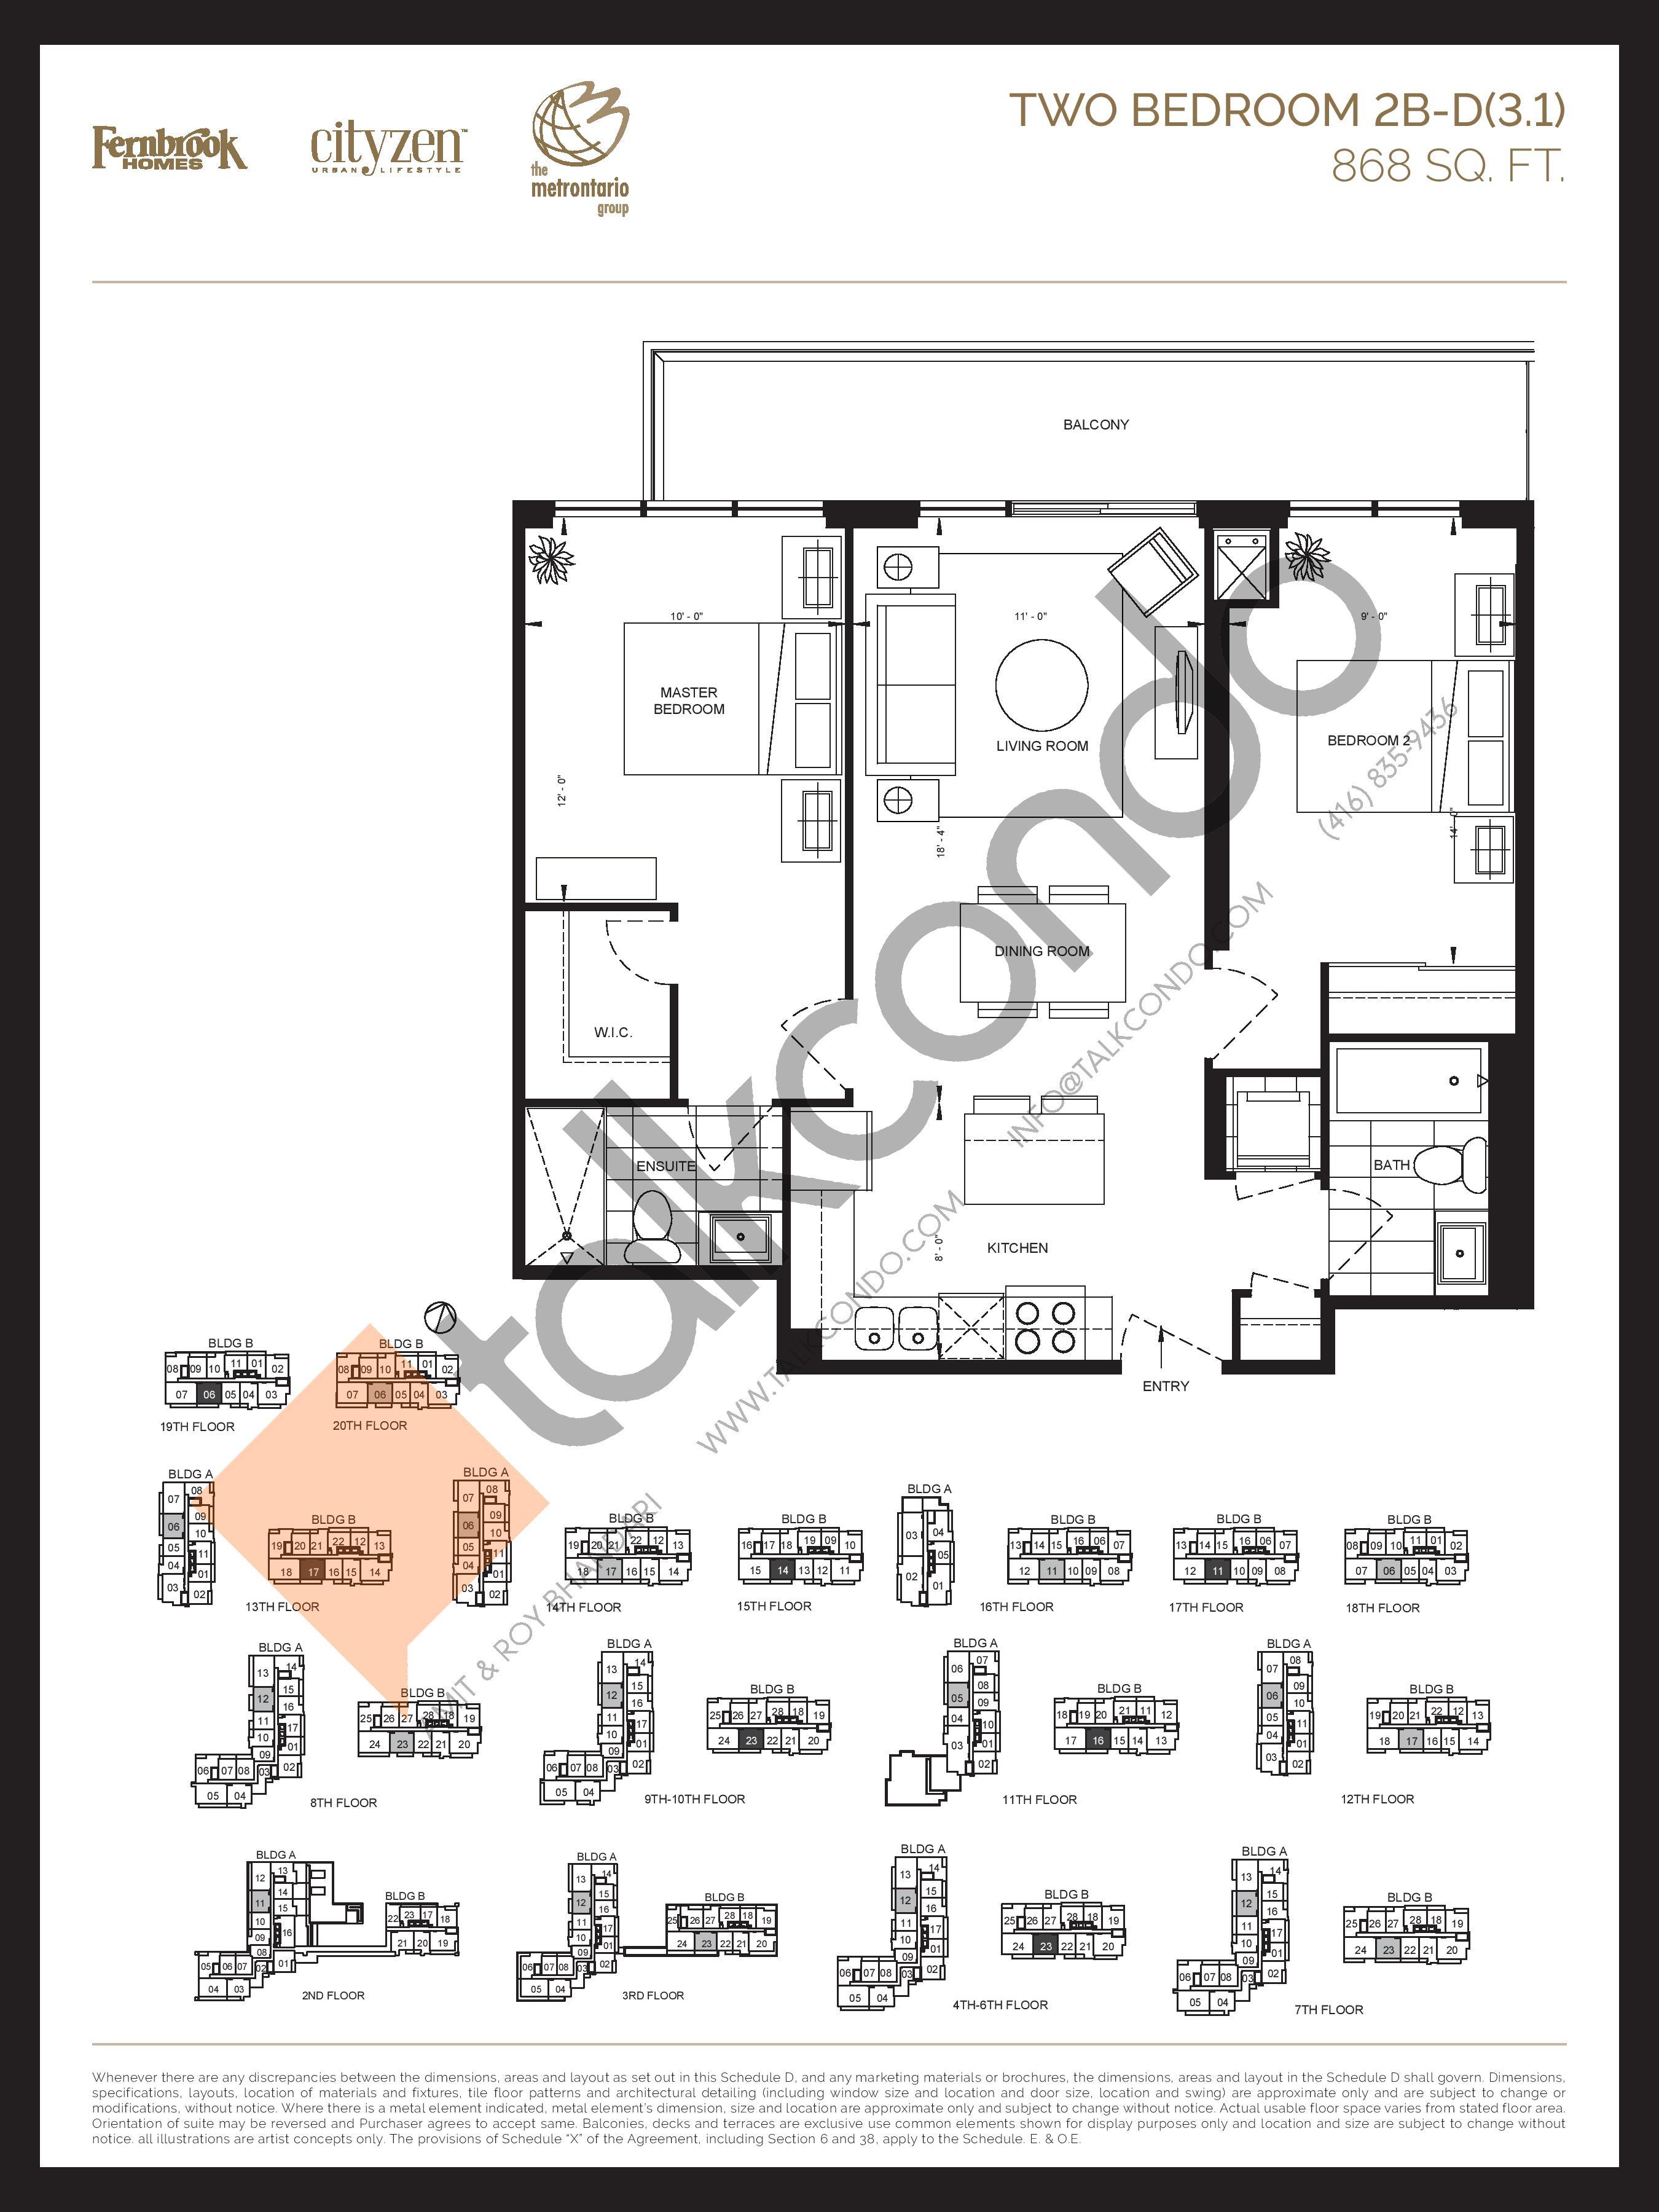 2B-D(3.1) Floor Plan at D'or Condos - 868 sq.ft